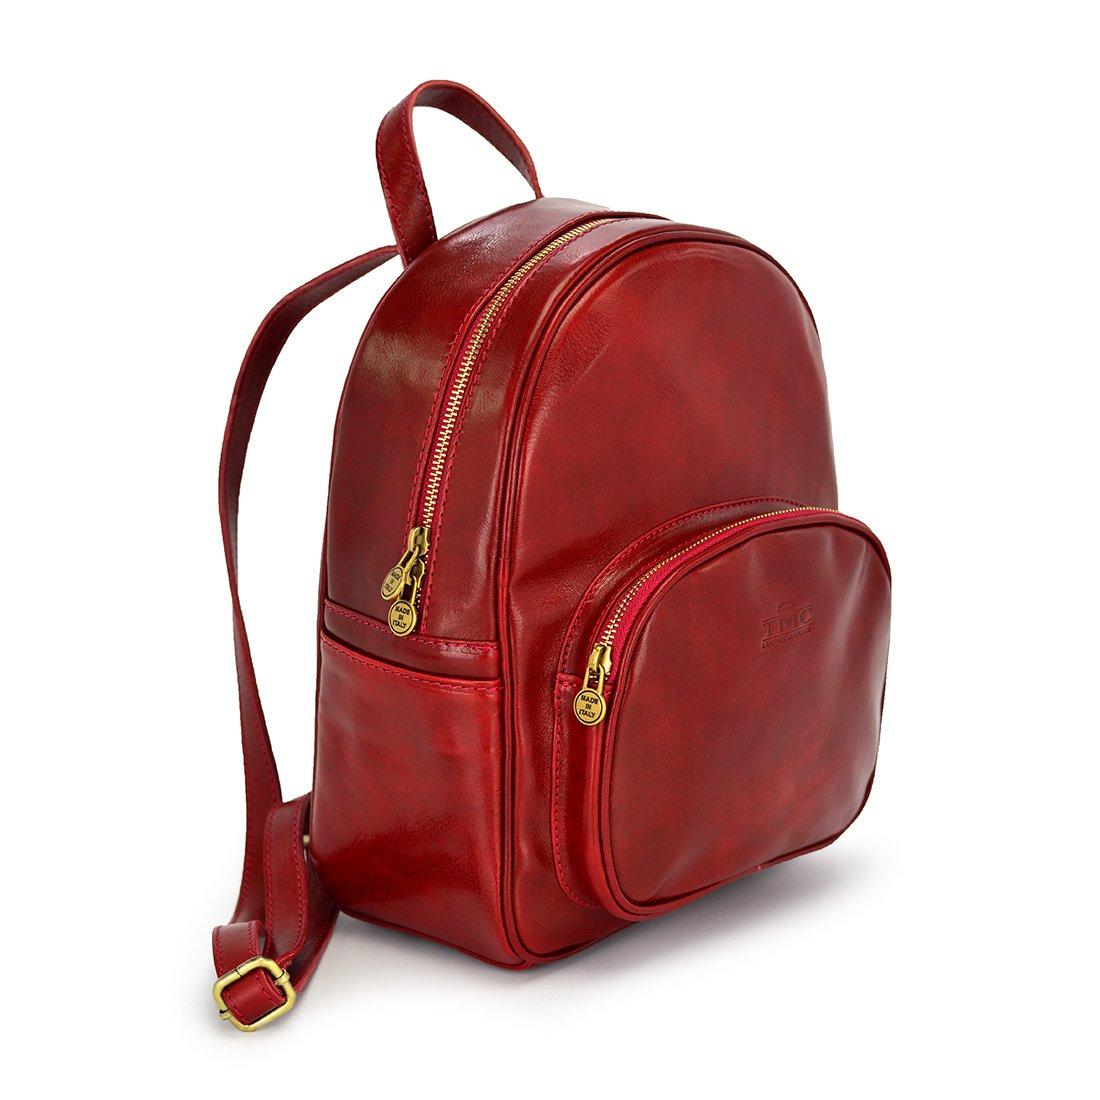 4841cc999e302 Plecak skórzany vp820 czerwony - Skóra licowa premium \ CZERWONY ...